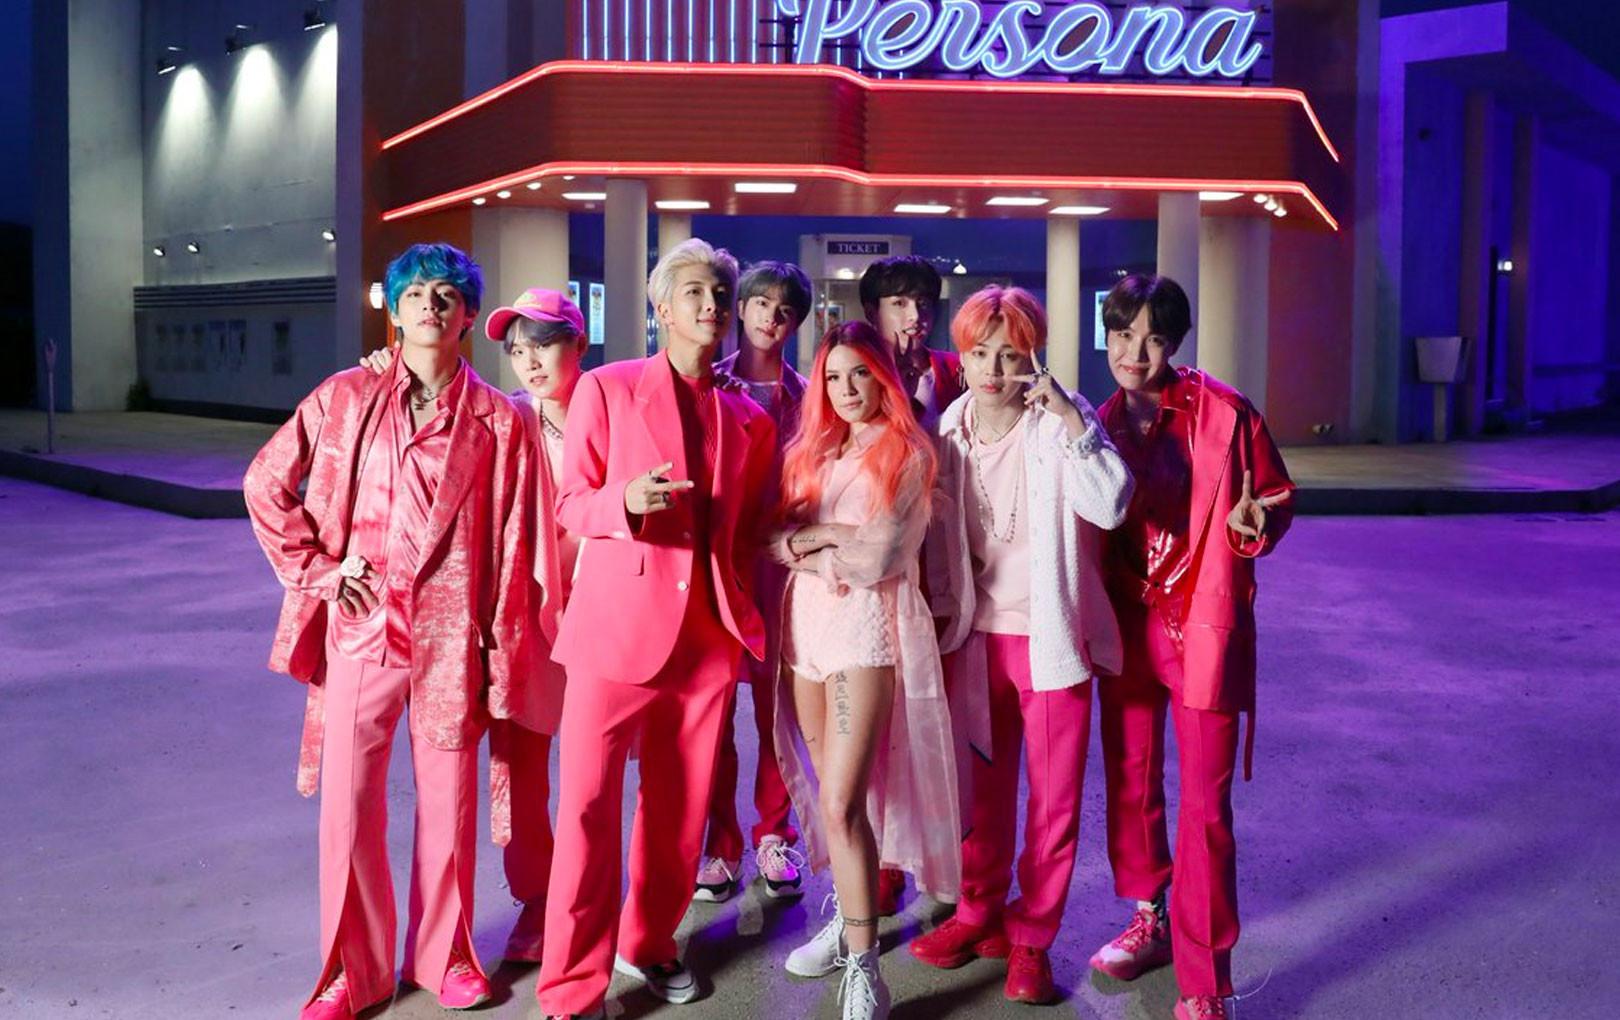 Melon gặp nạn ngay thềm BTS trở lại cùng Map of the Soul: Persona